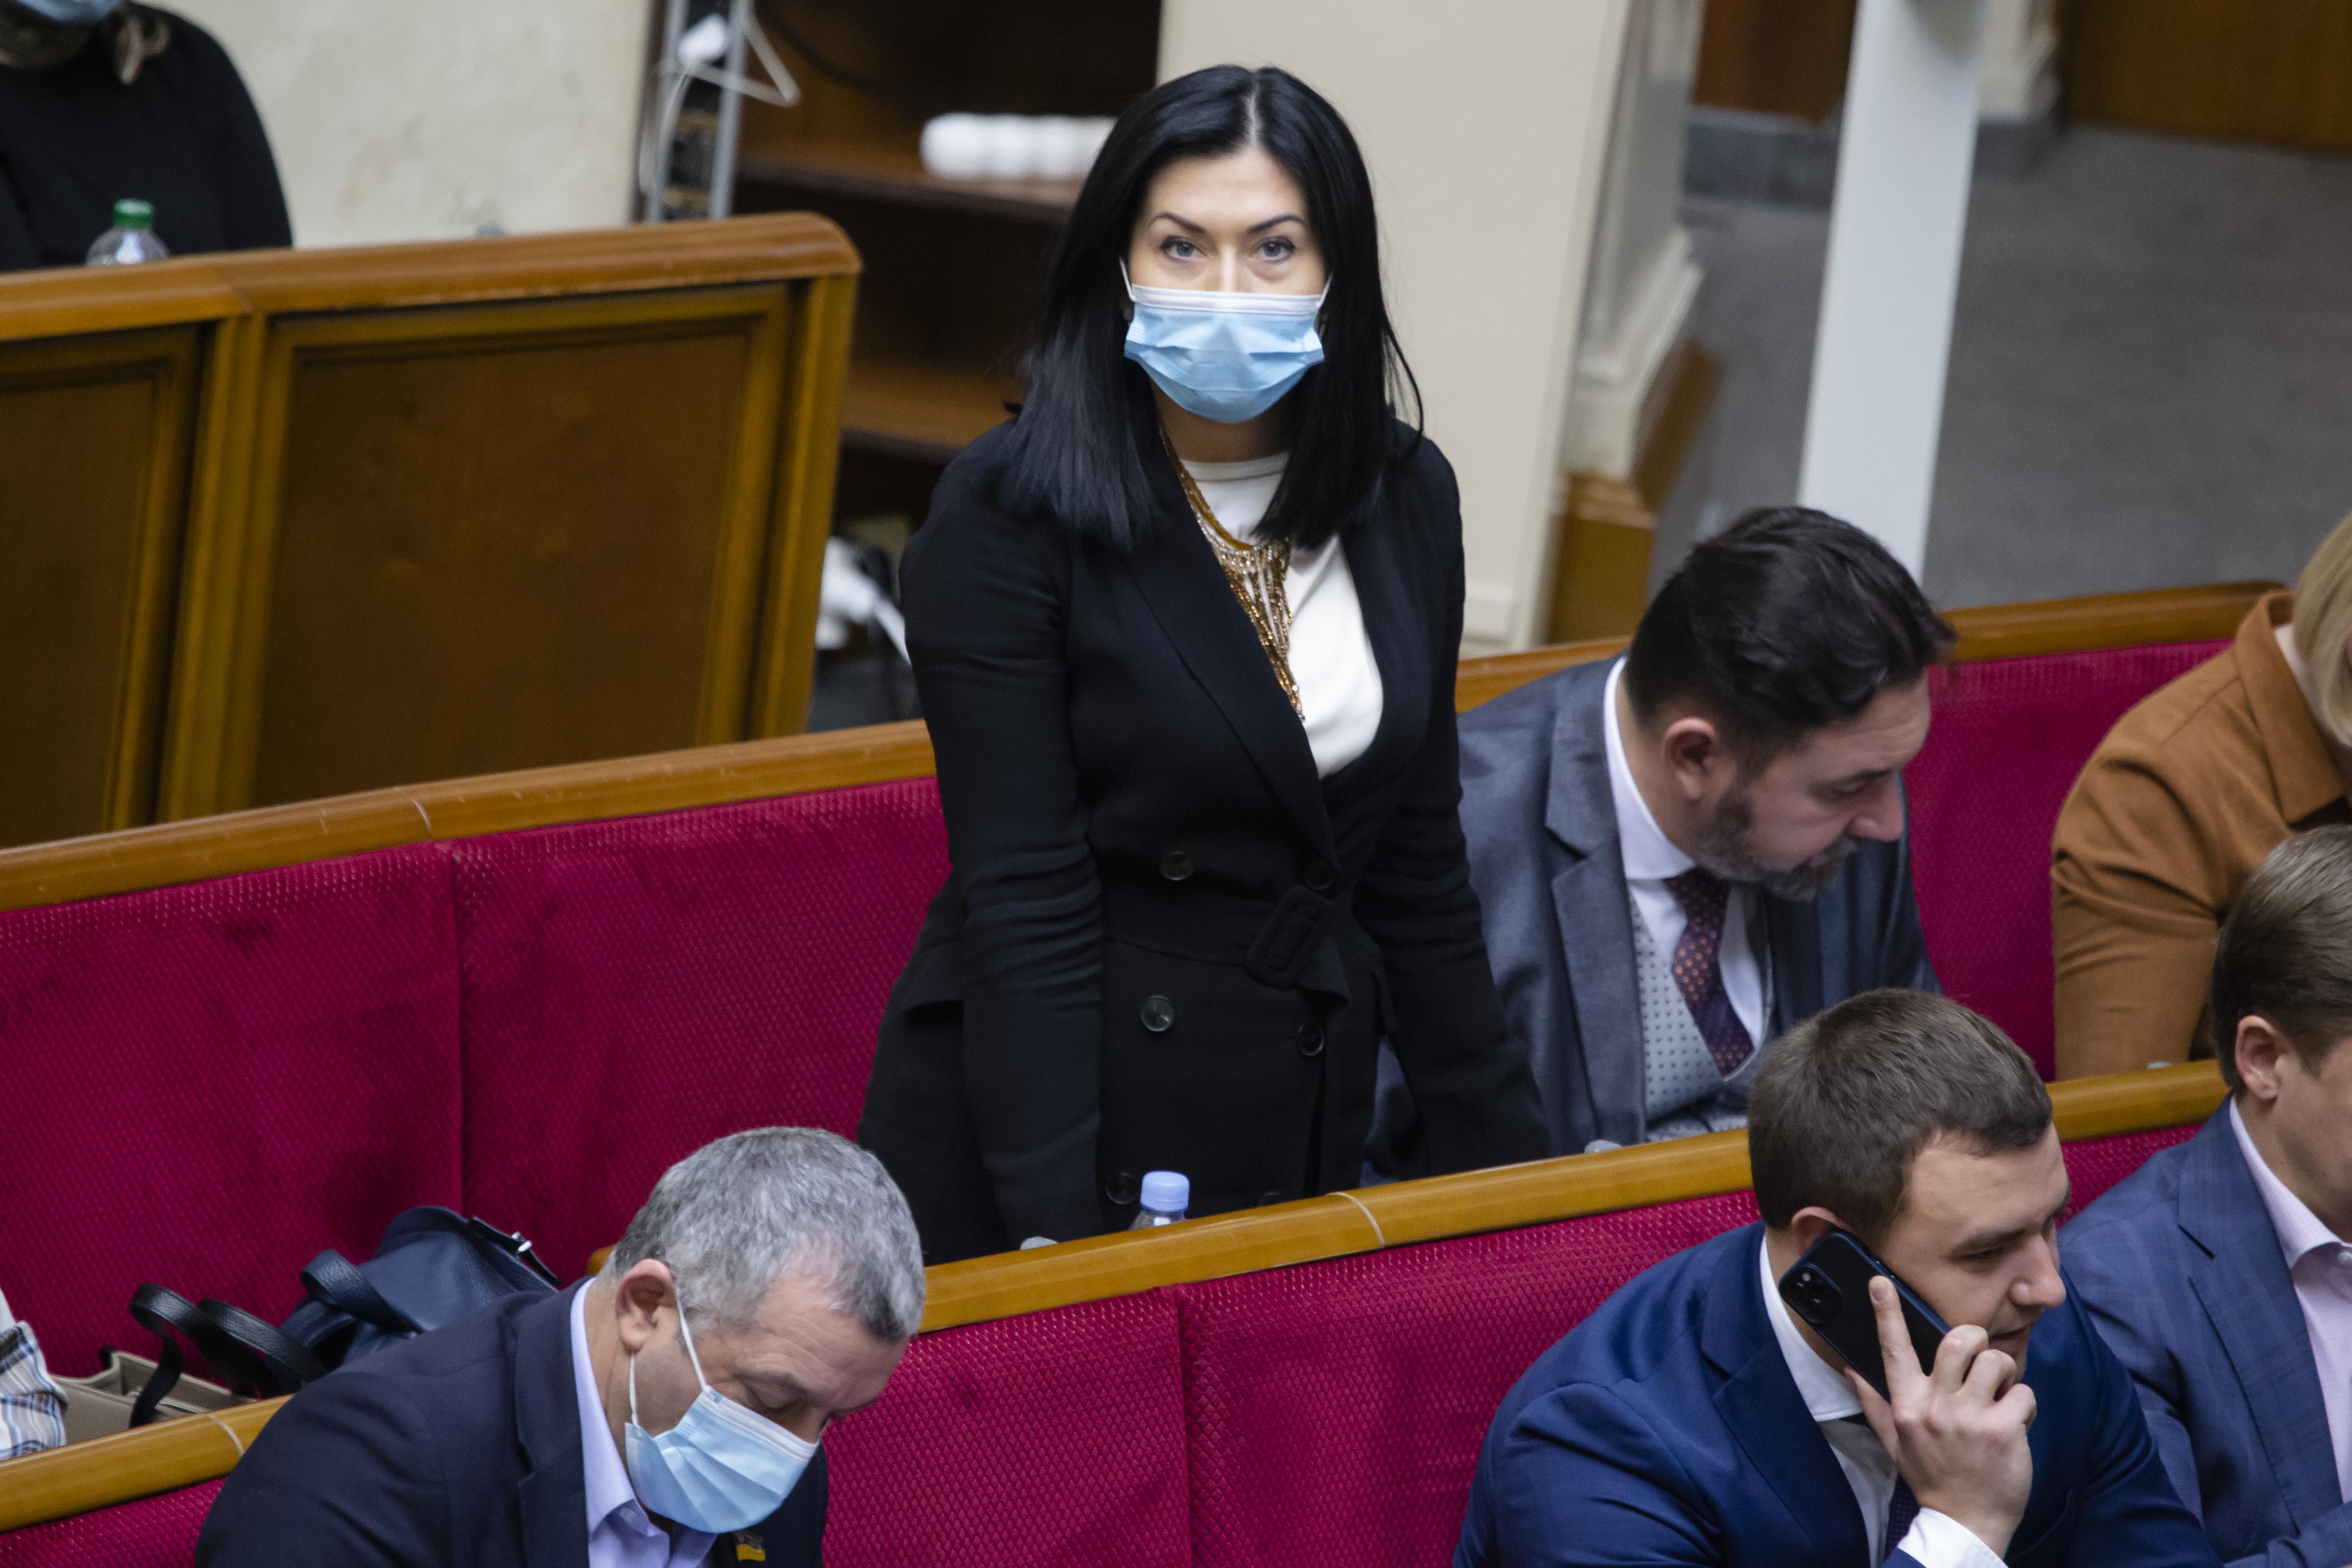 Виктория Кинзбурская: «Боюсь, что после чистоты языка, мы будем говорить о чистоте нации» - фото 4